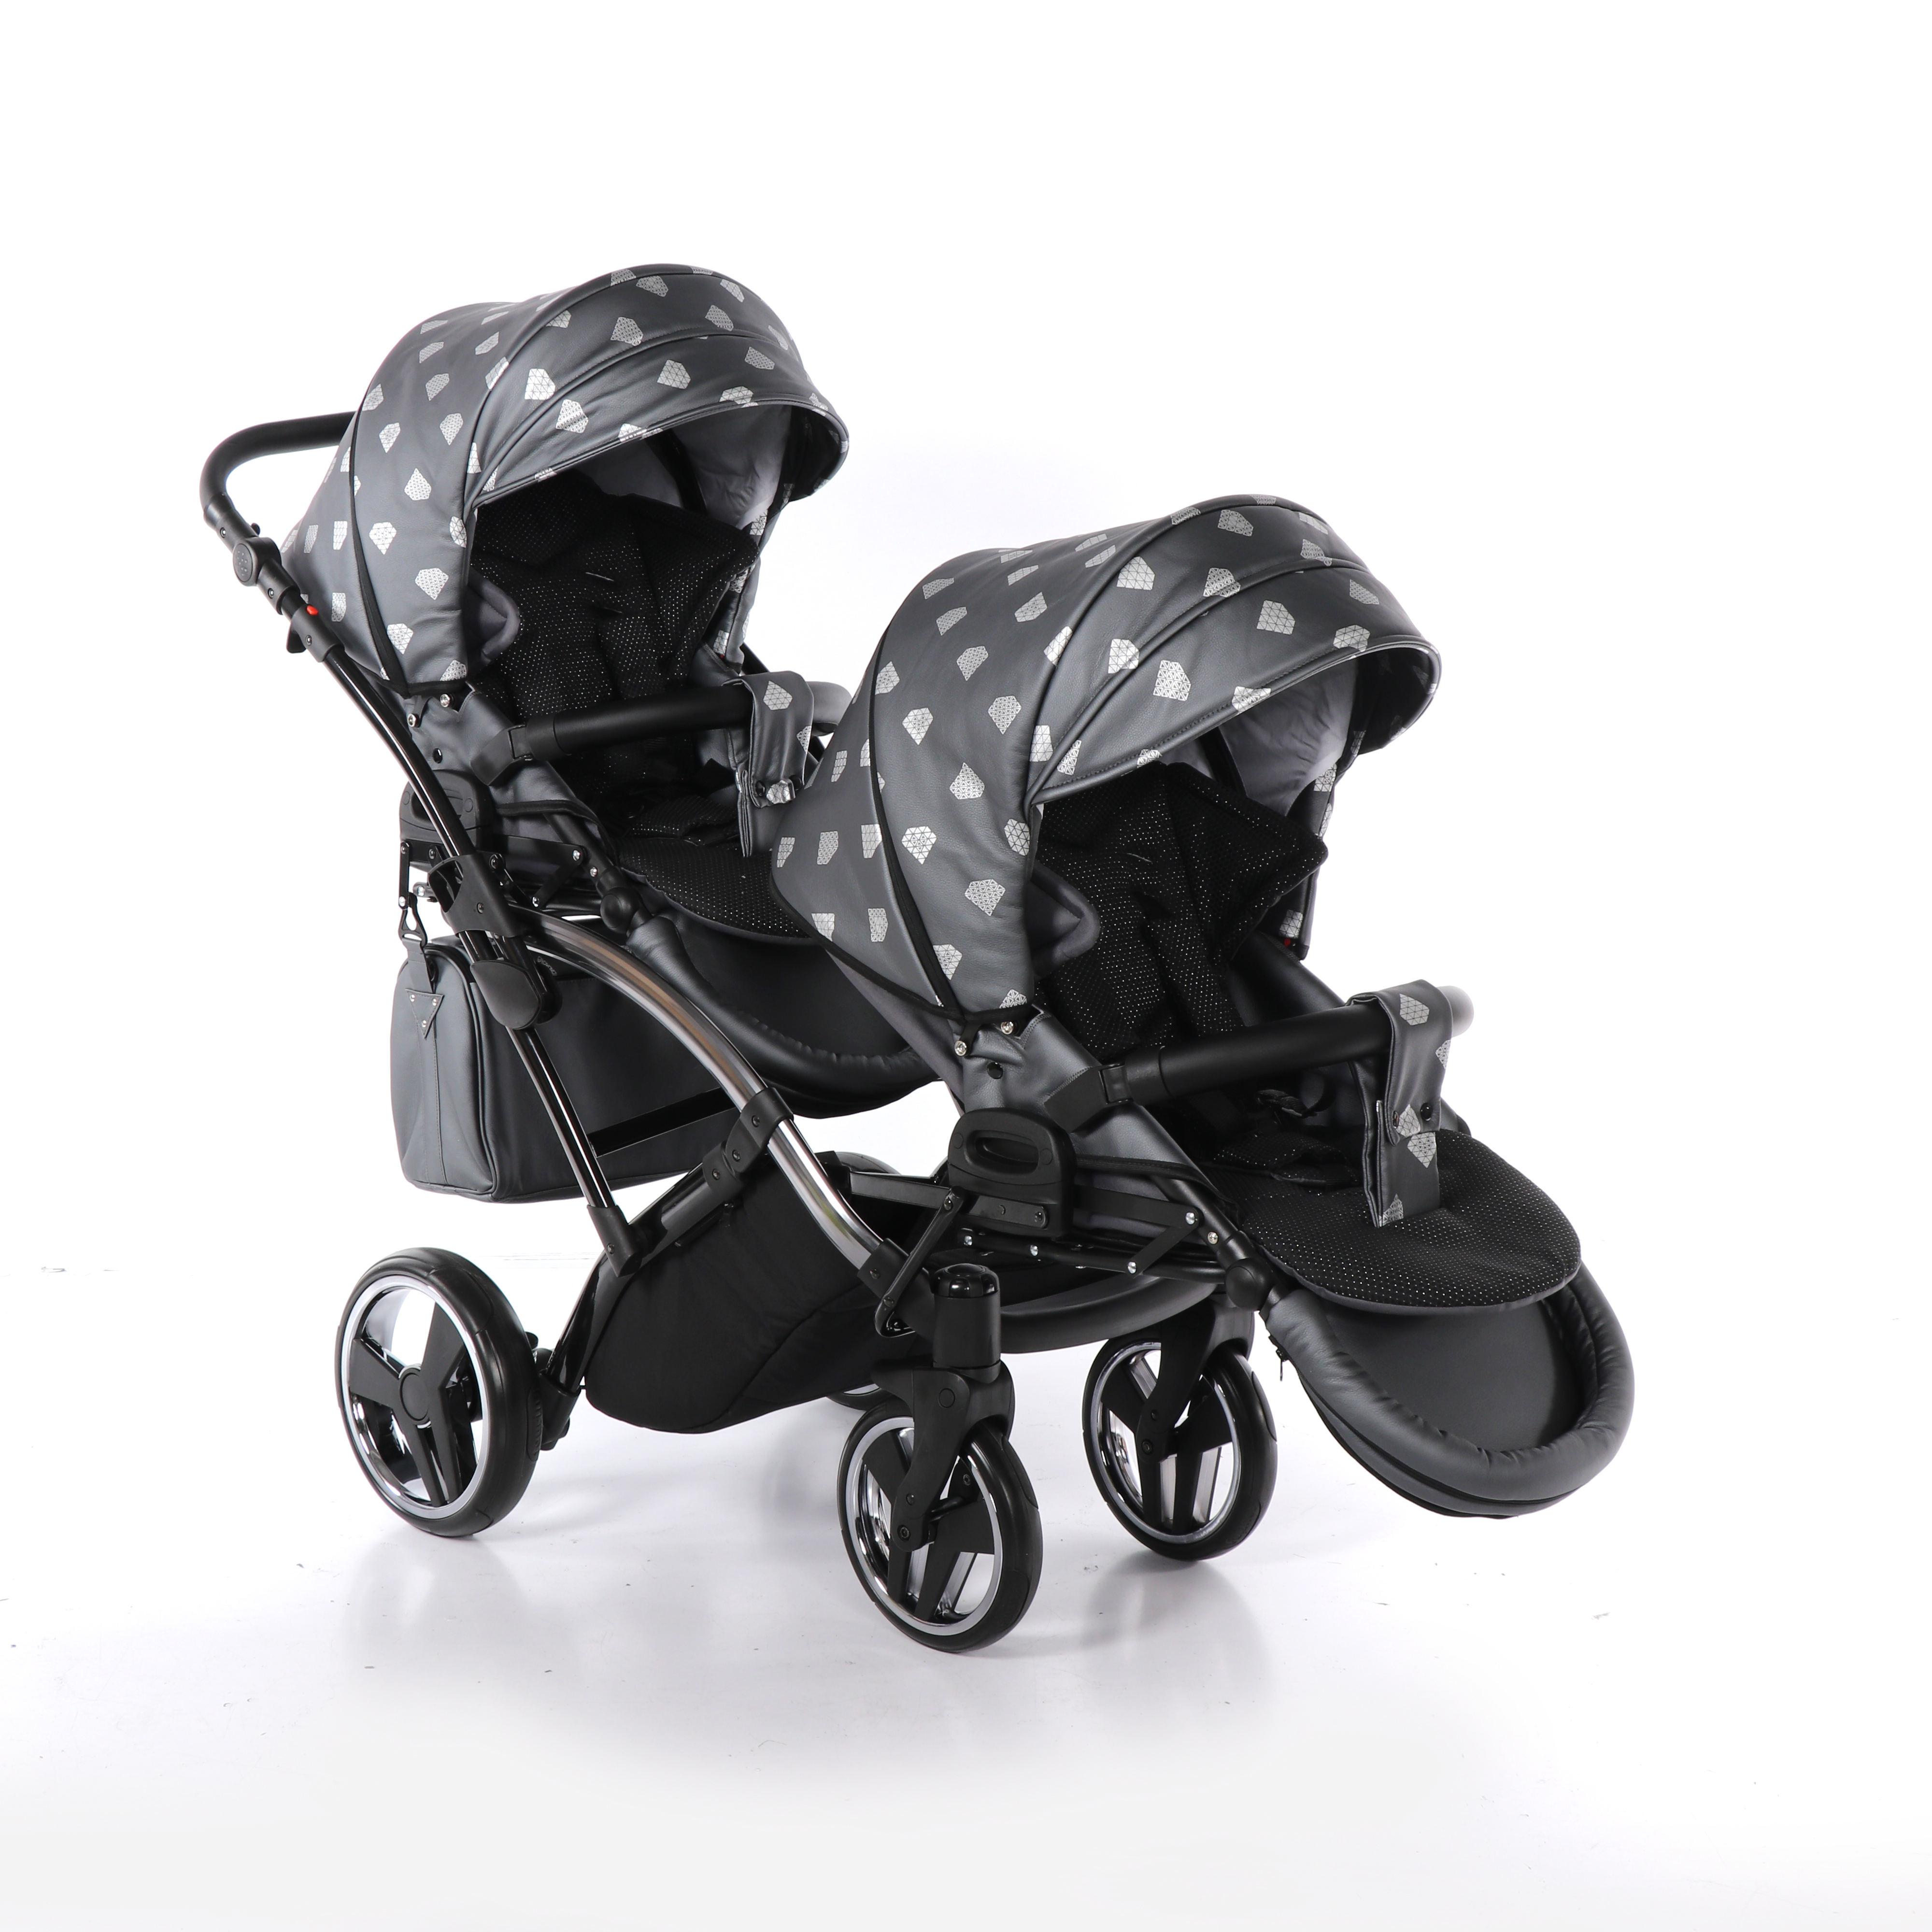 wielofunkcyjny blixniaczy wózek dzieciecy Junama Glow Duo Slim